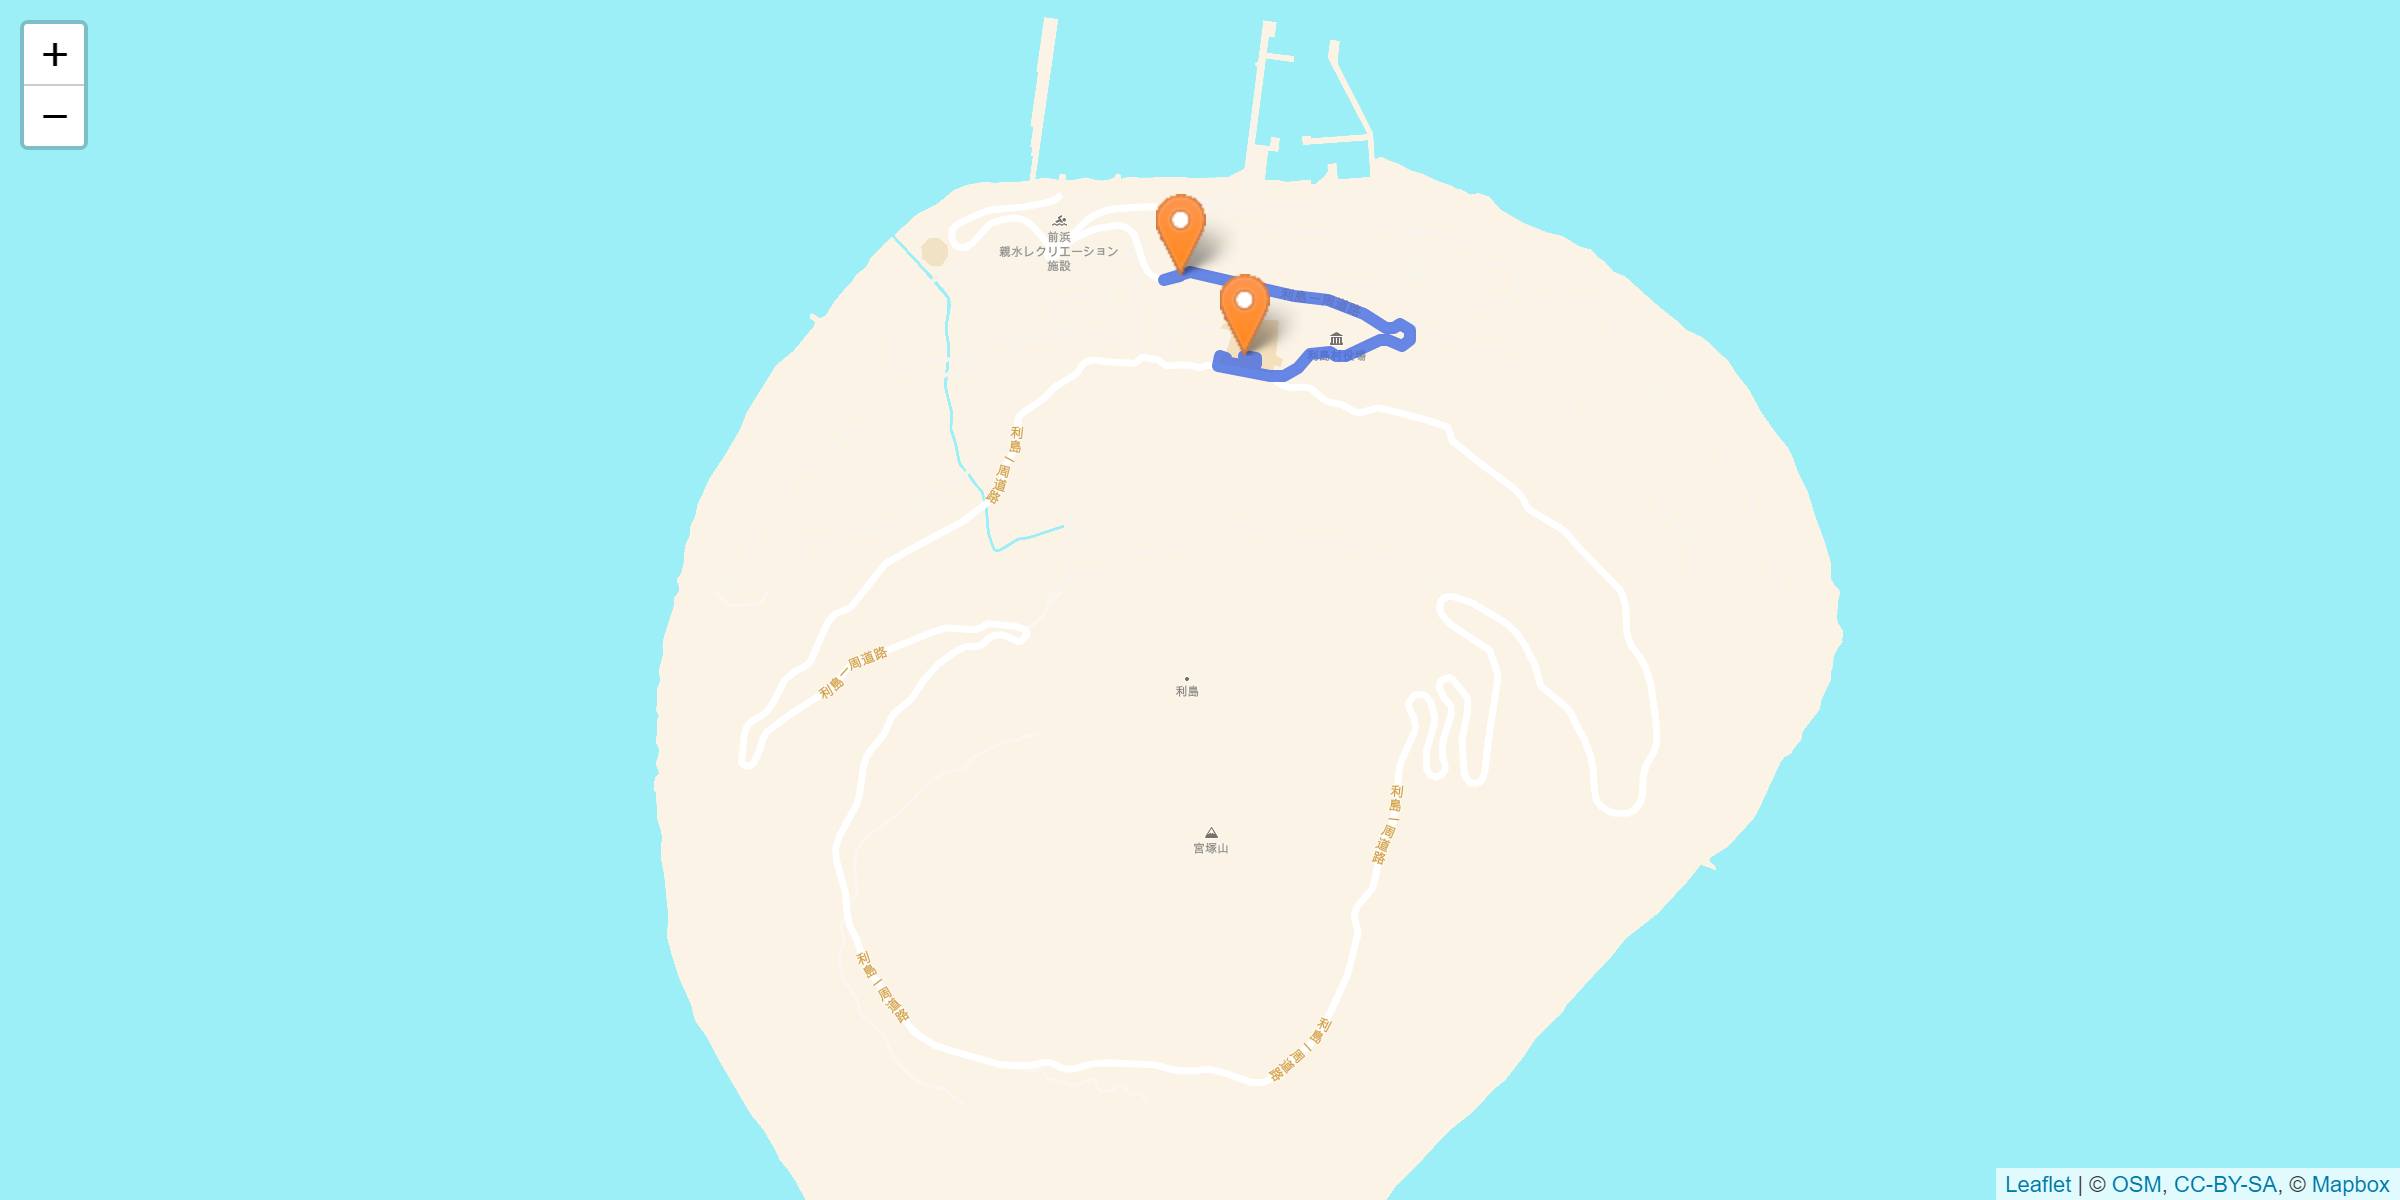 利島 聖火リレーの詳細